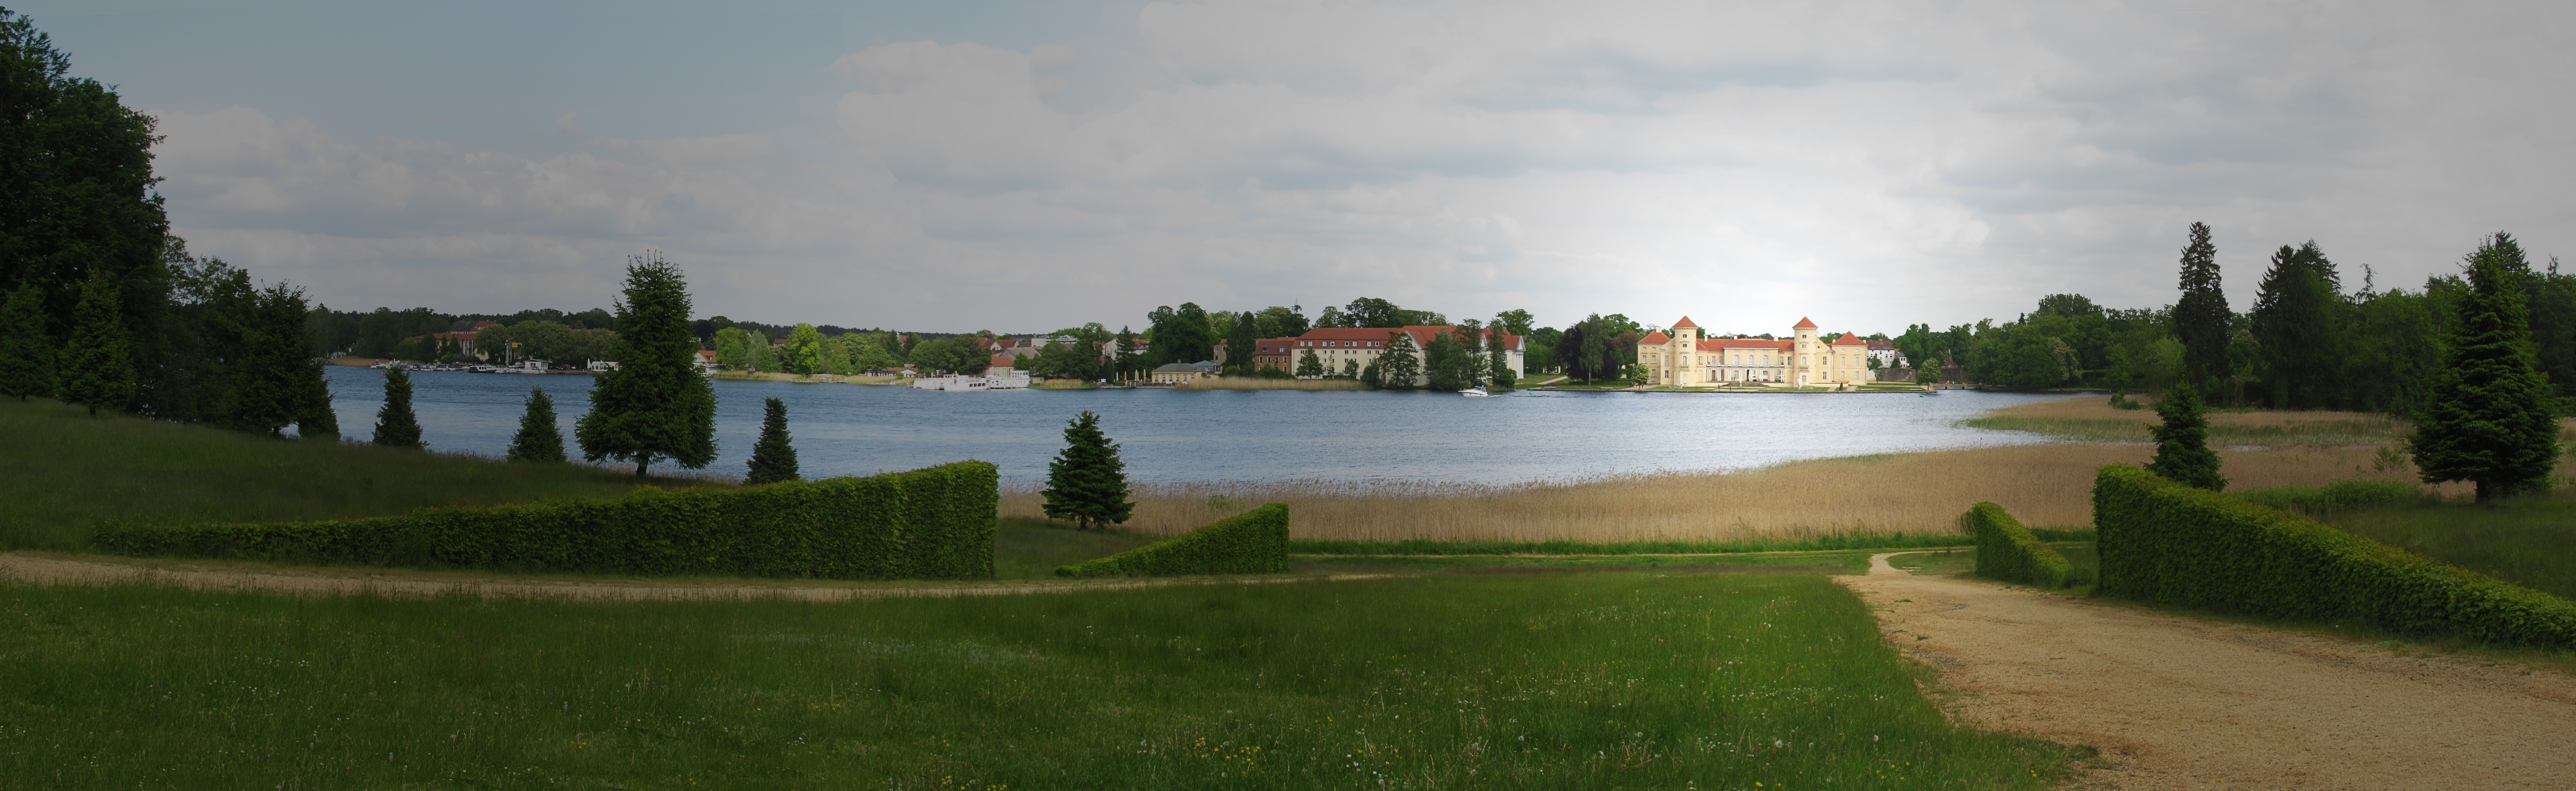 5-04-Schloss Rheinsberg-Panorama-Marotz.jpg